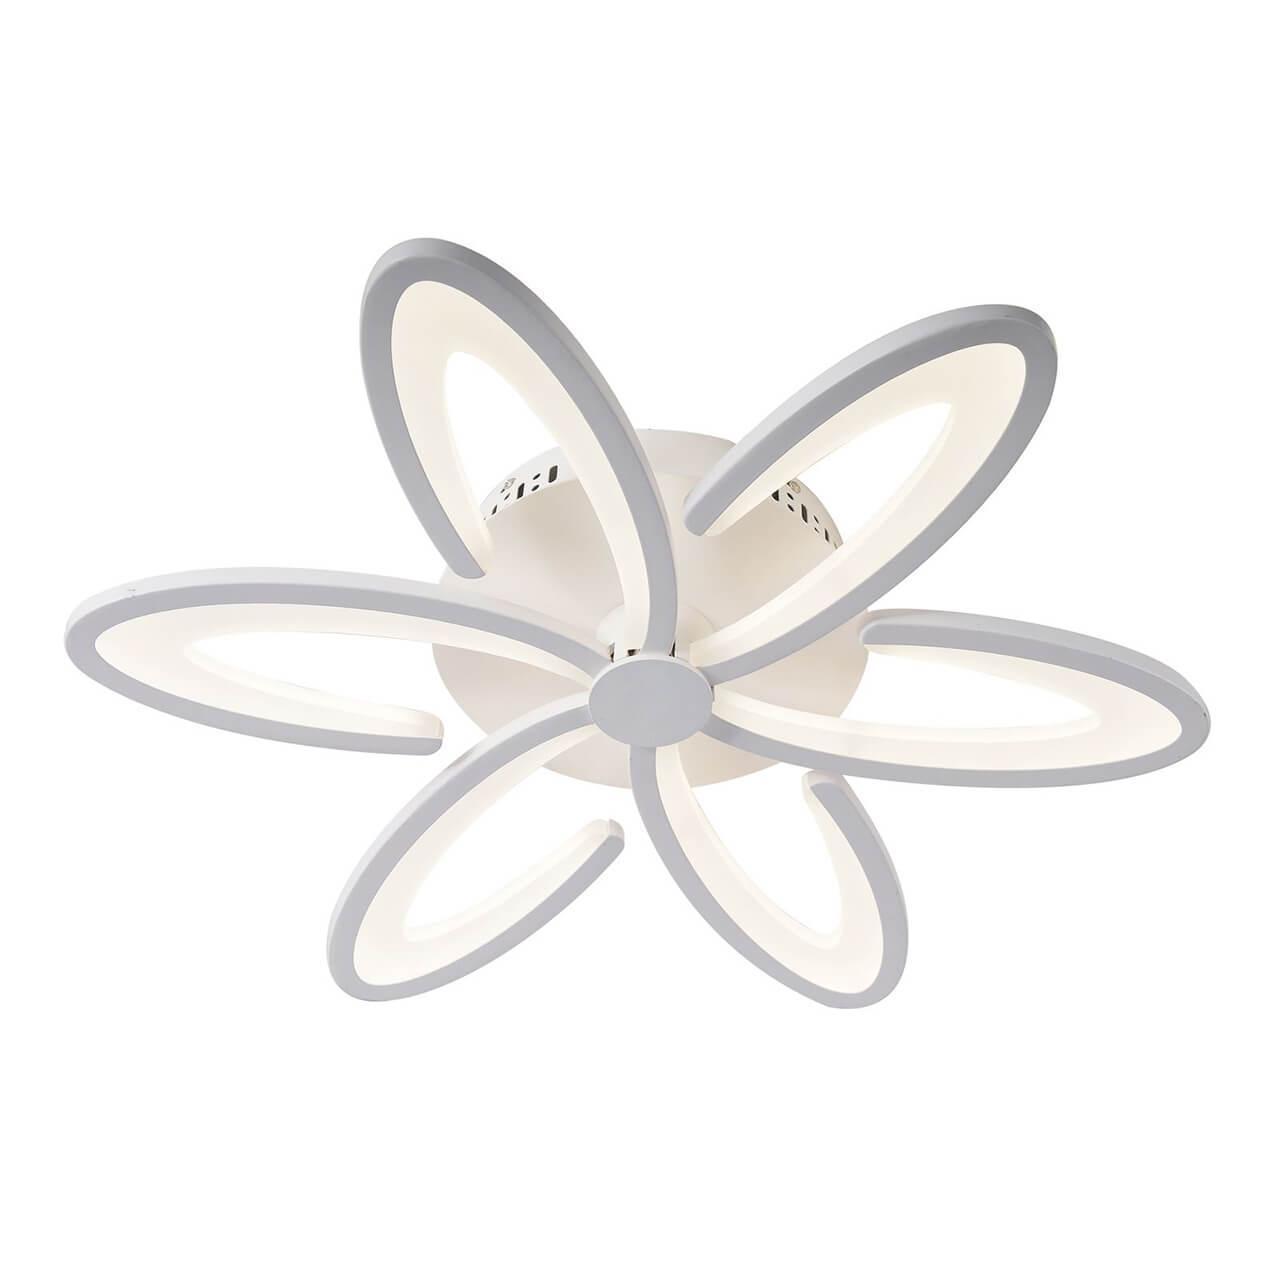 Потолочный светильник Omnilux OML-49307-60, LED, 10 Вт